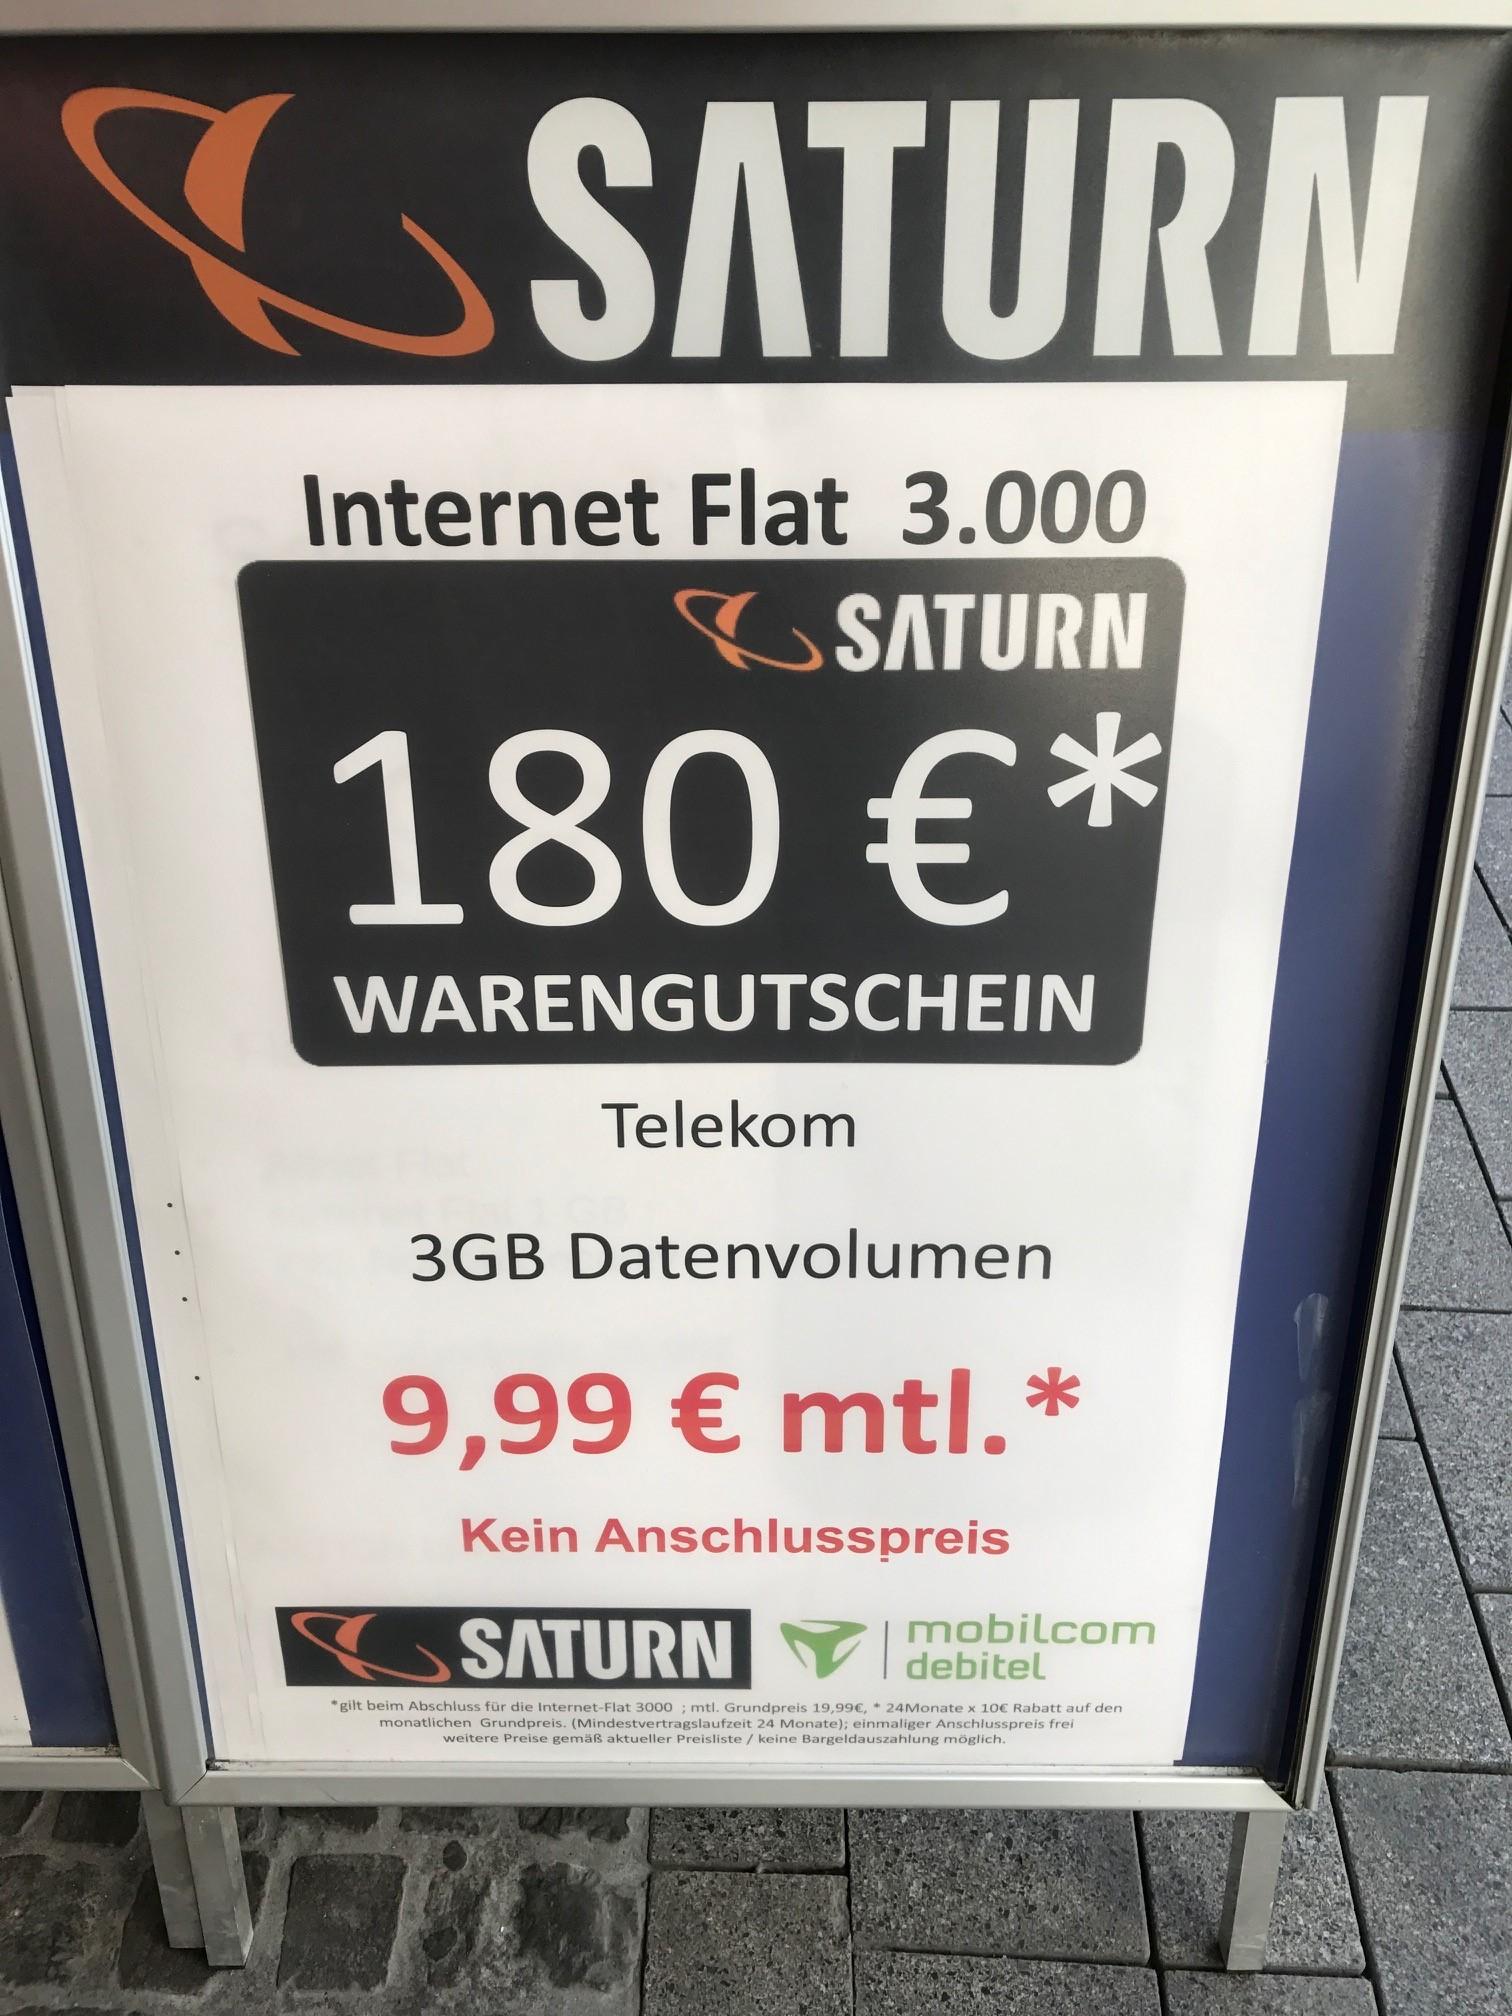 [LOKAL Saturn Dortmund-Innenstadt] mobilcom-debitel Internet-Flat 3.000 (LTE 50 MBits/Sek.) im Telekom-Netz für effektiv 2,49€ / Monat durch 180 EUR Saturn Gutschein